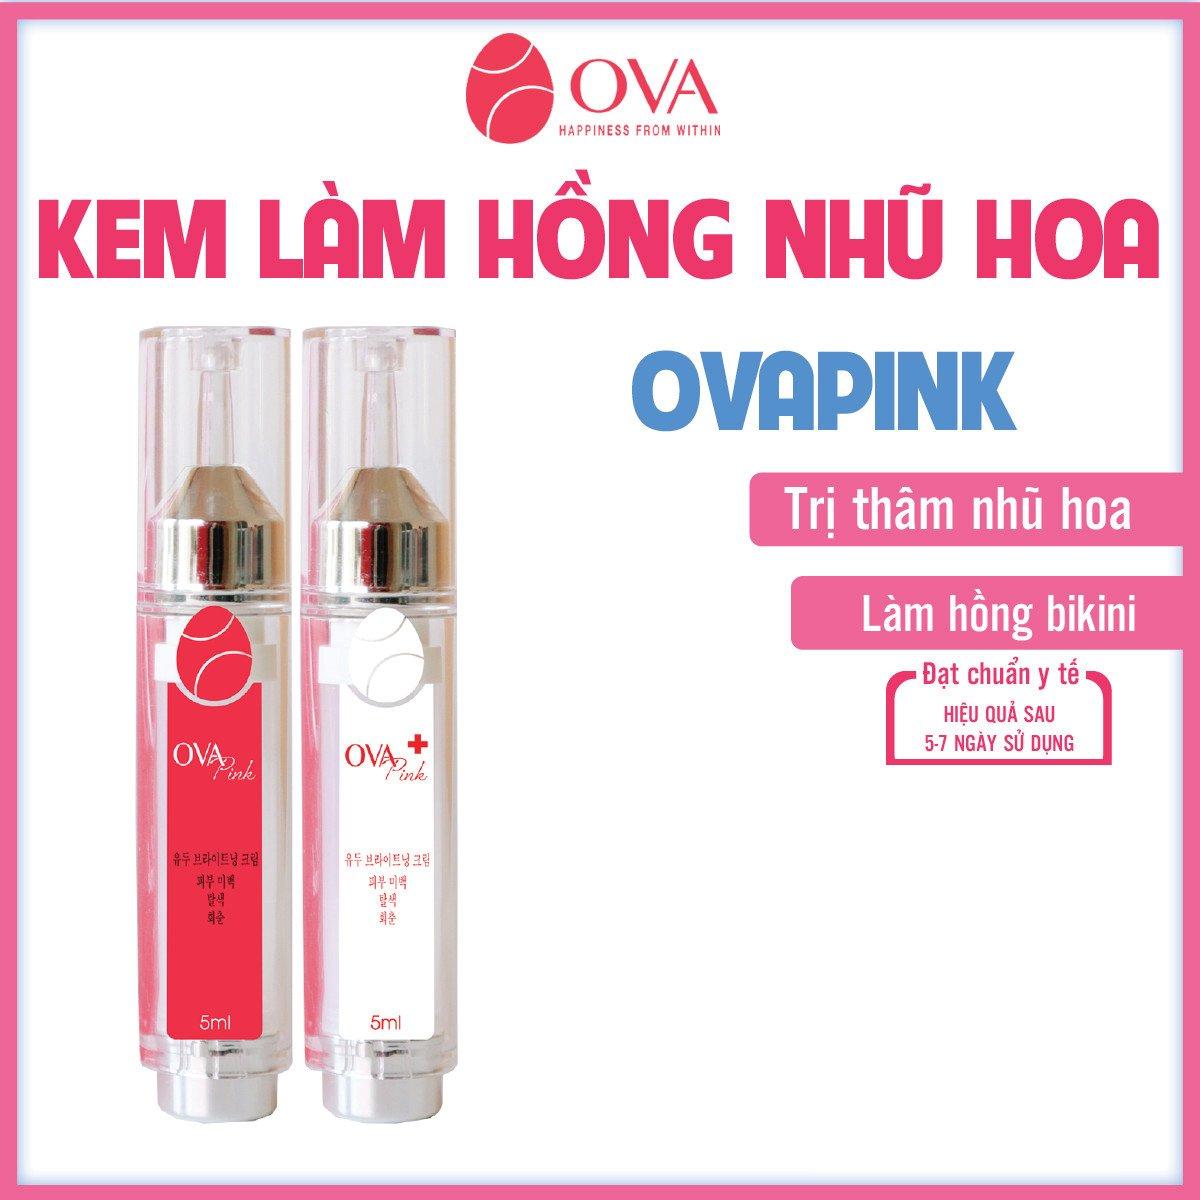 Kem làm hồng nhũ hoa OvaPink, giảm nhanh thâm, ủ dưỡng, làm hồng ti, an toàn và hiệu quả nhanh...